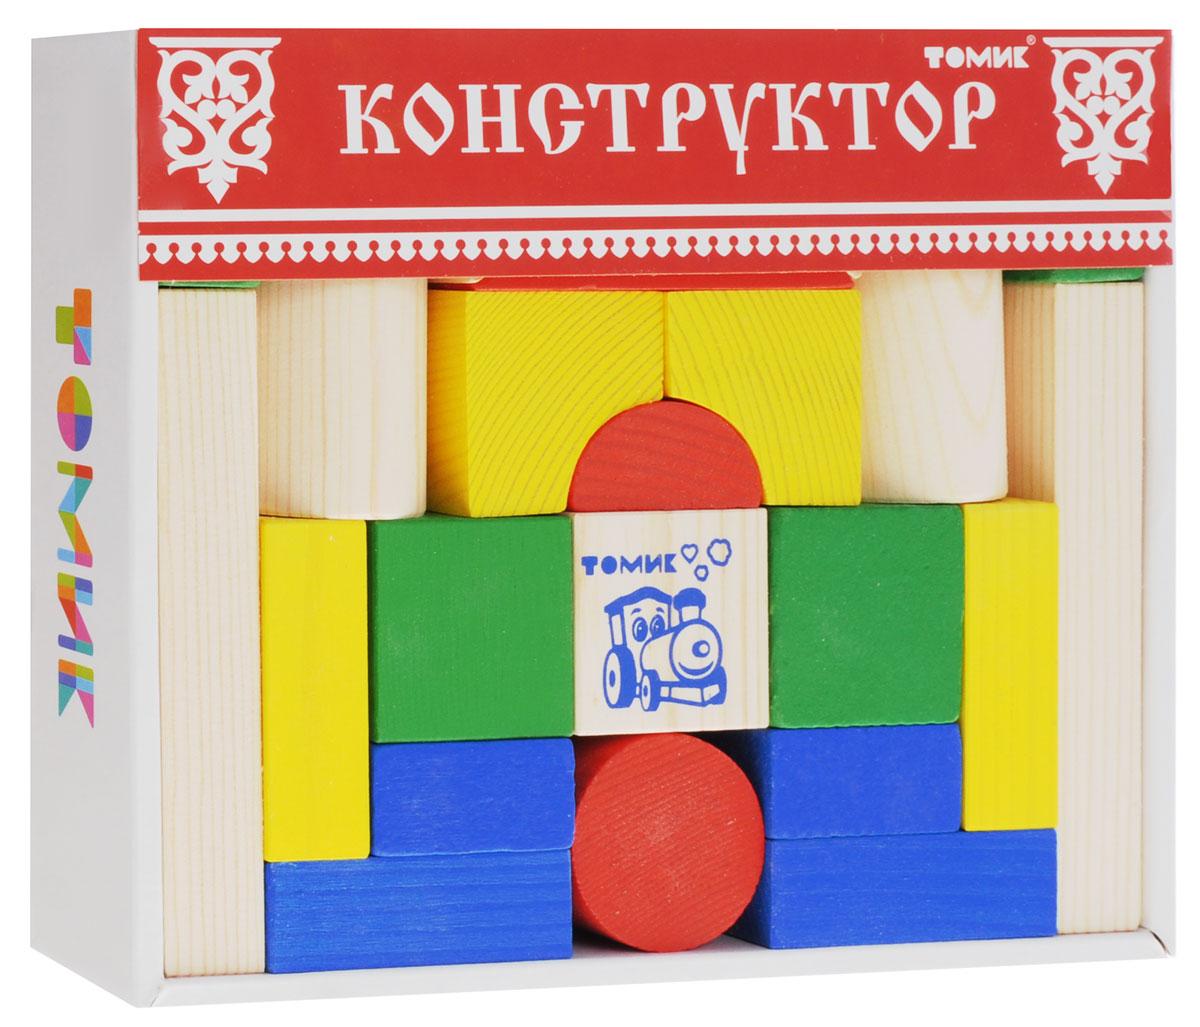 Томик Конструктор Цветной 6678-266678-26Конструктор Томик Цветной состоит из 26 цветных и неокрашенных деталей. Все элементы изготовлены из экологически чистого дерева, краски не токсичные и безопасны для ребенка. С таким конструктором ребенок с удовольствием построит башни, красивые арки, мостики, а если дополнить набор другими конструкторами, то можно сотворить великолепный замок или крепость. Такая игра развивает пространственное мышление, фантазию, умение использовать форму предмета, моторику, координацию, приучает ребенка к усидчивости.